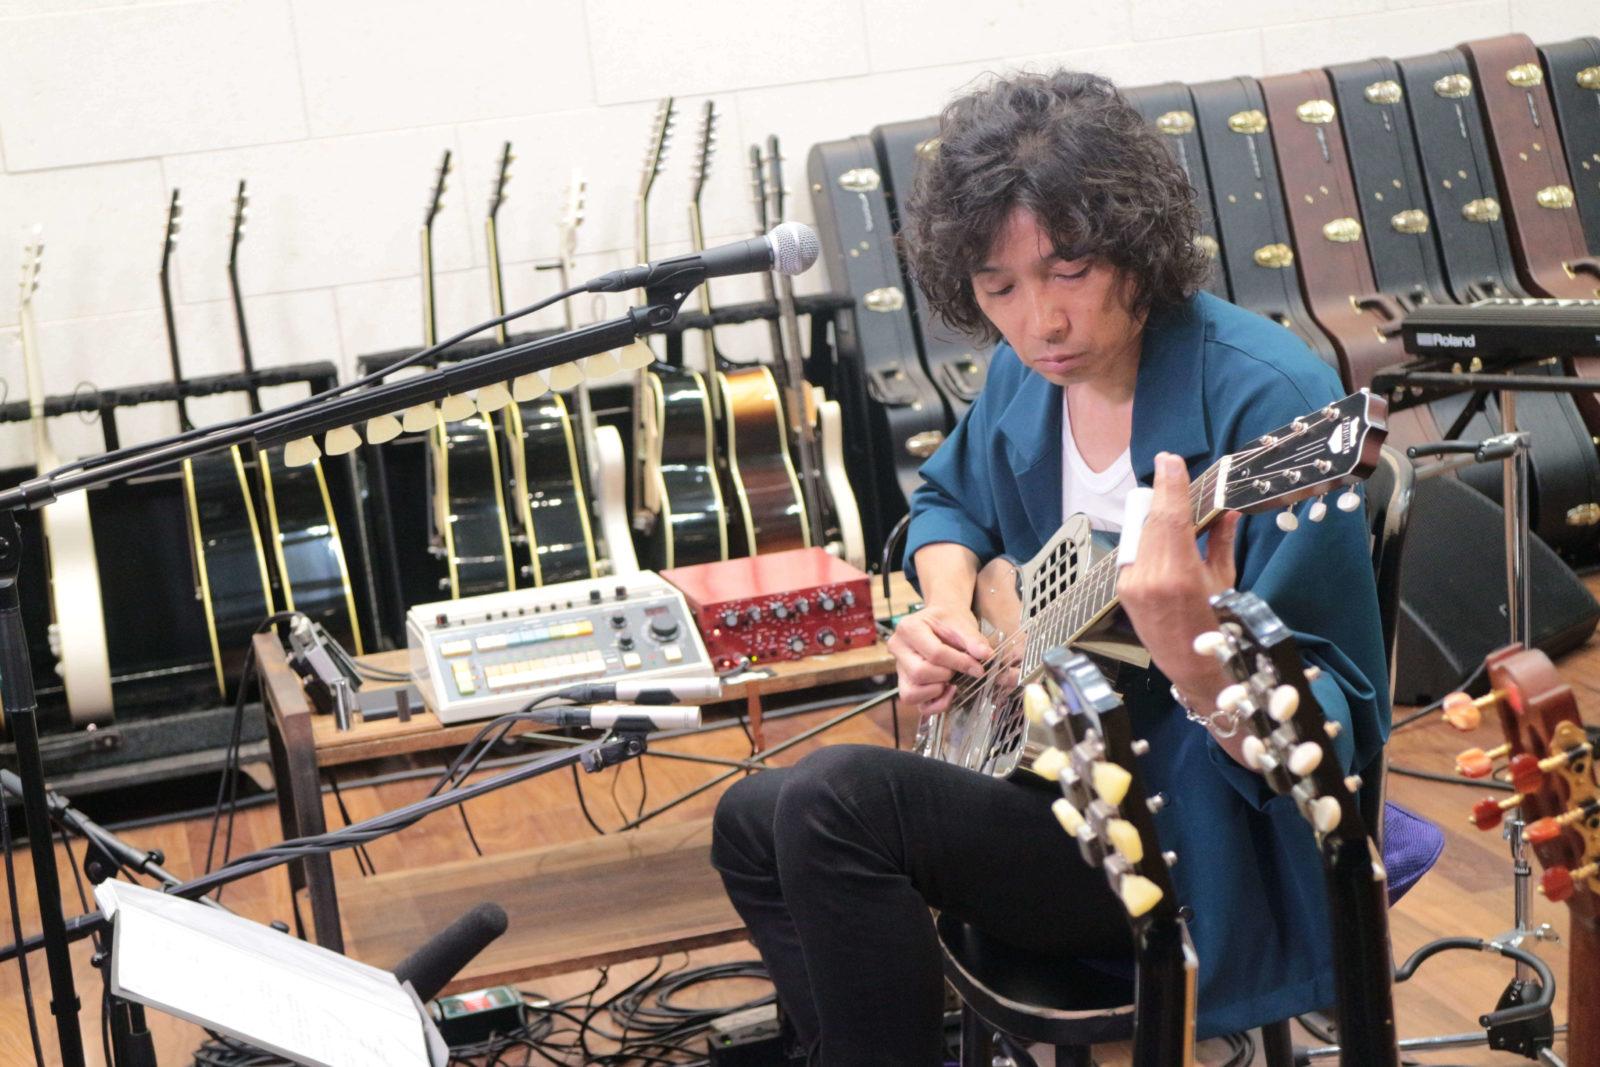 斉藤和義本人が解説、自作ギターも紹介!弾き語りライブ「Time in the Garage」の裏側に迫る特番放送サムネイル画像